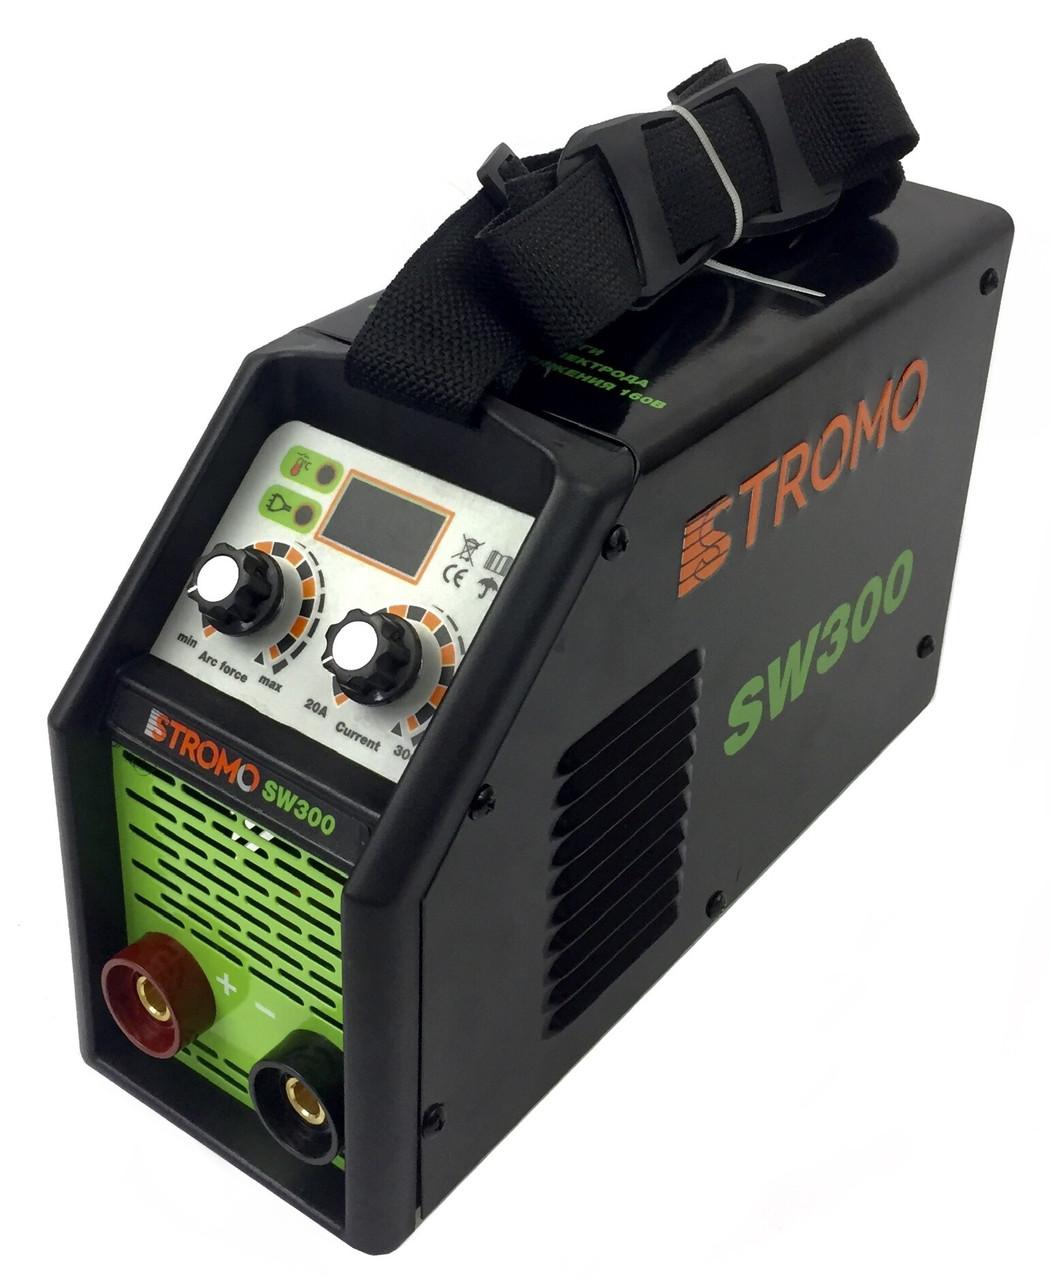 Зварювальний інверторний апарат Stromo (SW-300)